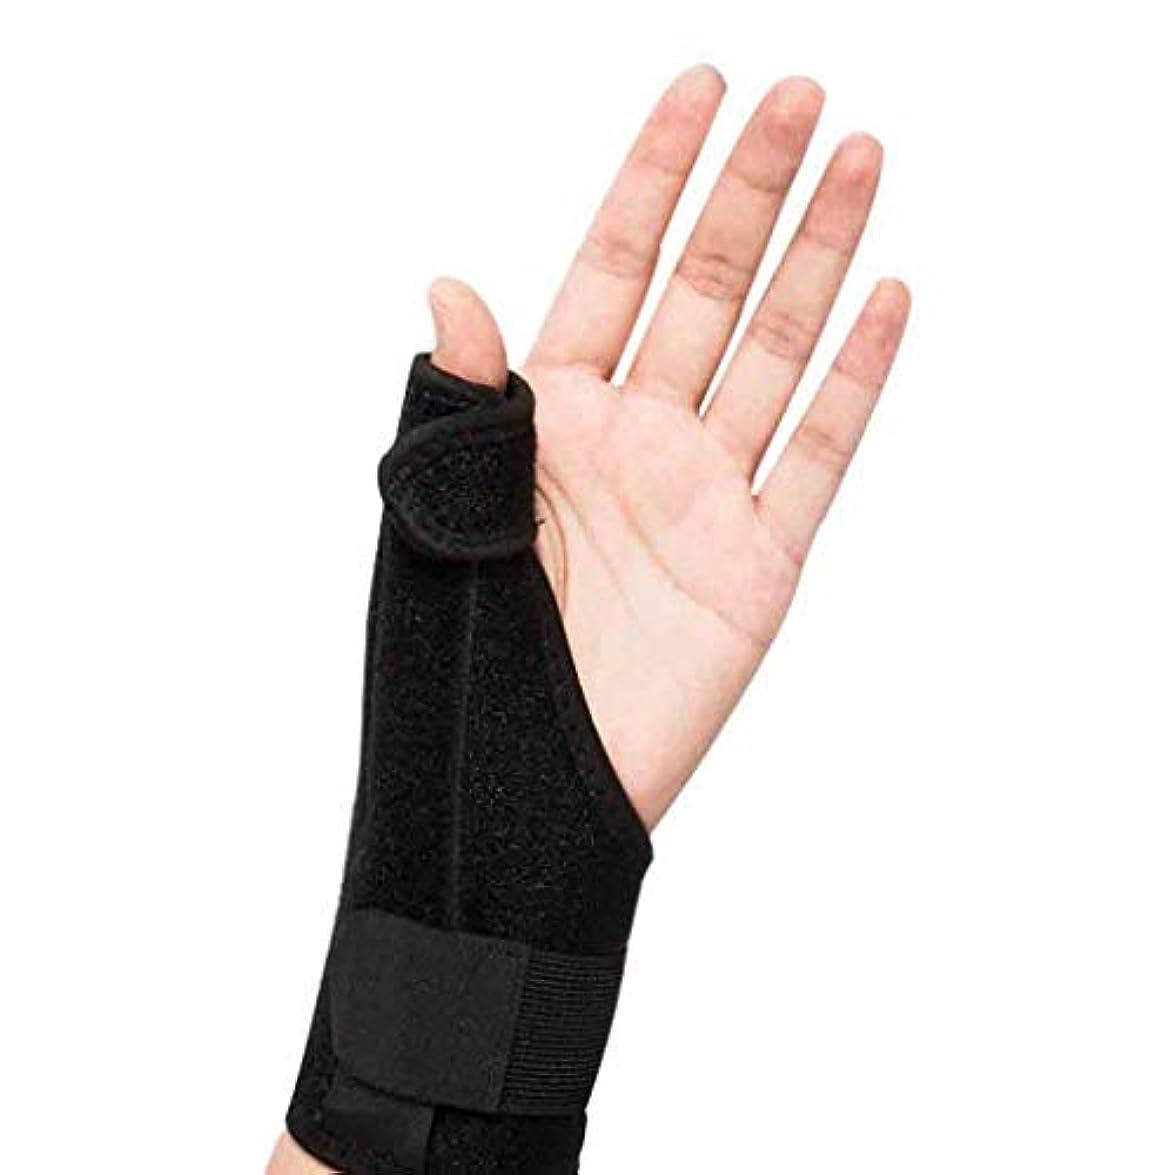 トランザクション狼サイバースペースThumbスプリントトリガーThumb腱鞘炎Wristband関節炎トリートメントThumb捻挫の関節を固定&安定化するブレース Roscloud@